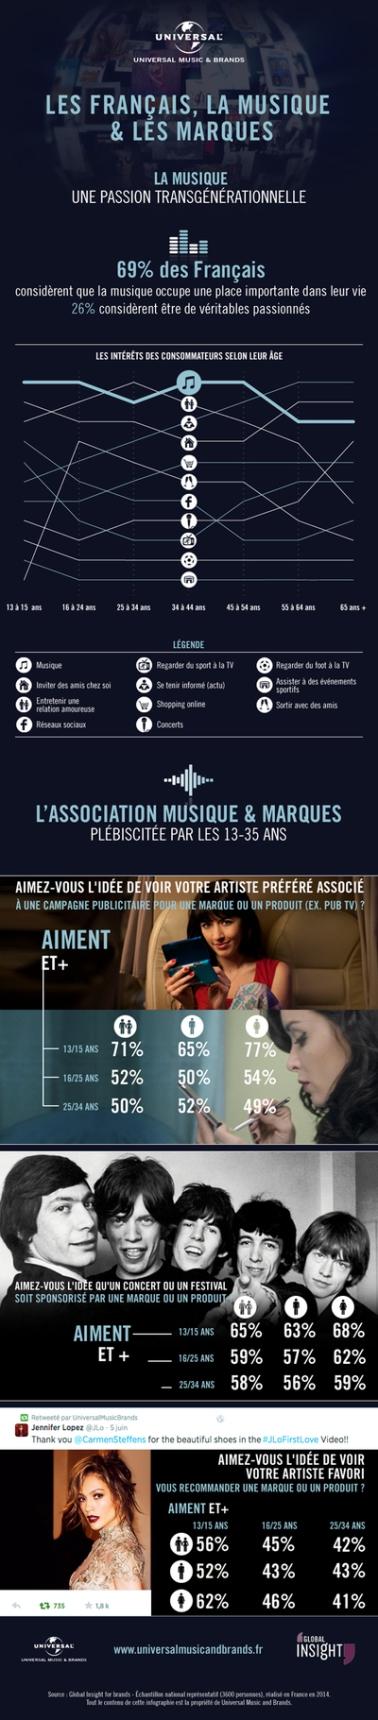 2214187-infographie-les-francais-la-musique-et-les-marques